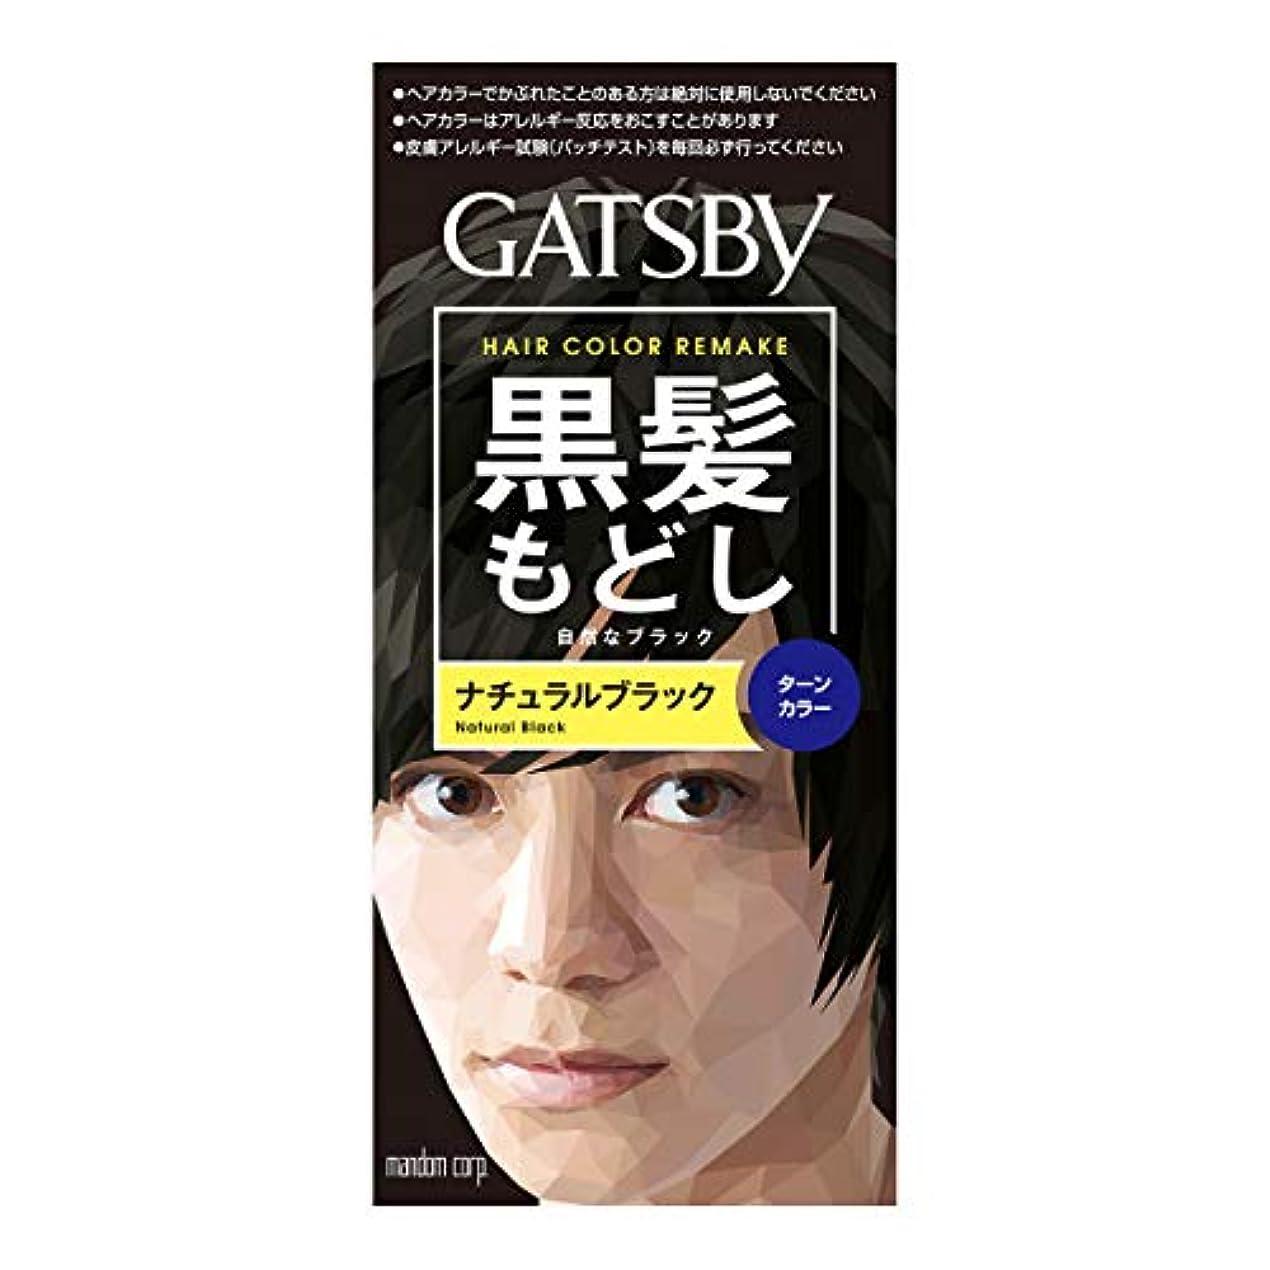 推進満州数GATSBY(ギャツビー) ターンカラー ナチュラルブラック 1剤35g 2剤70mL (医薬部外品)